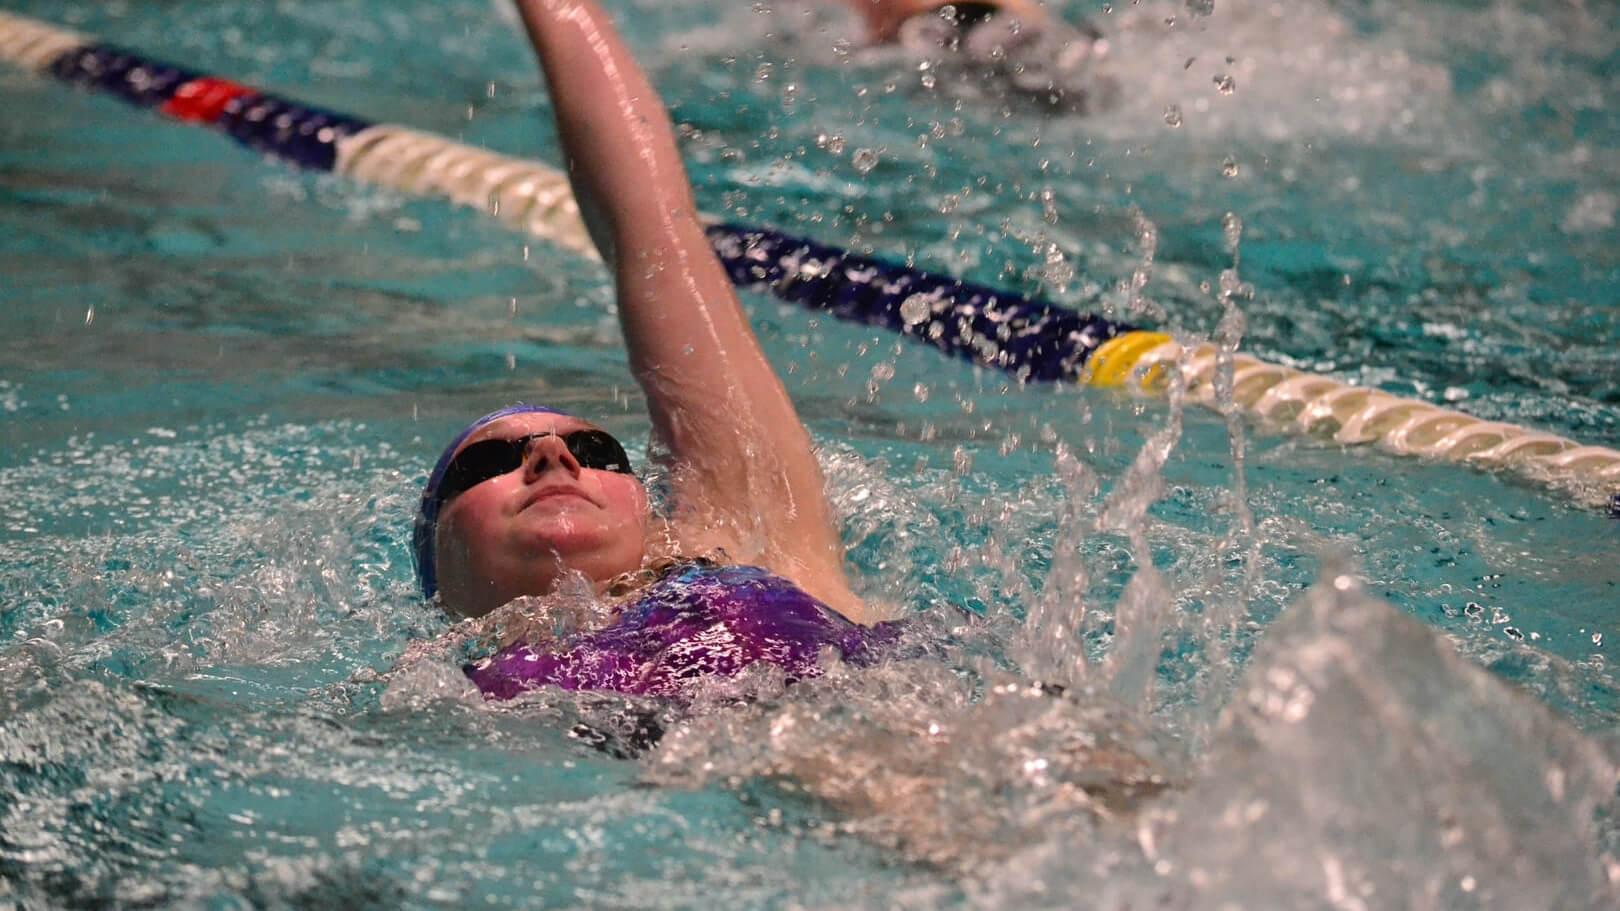 Kathelijne Tijms zwom 1:18.99 op de 100 meter rugslag, een prima tijd wanneer je niet meer zoveel traint.